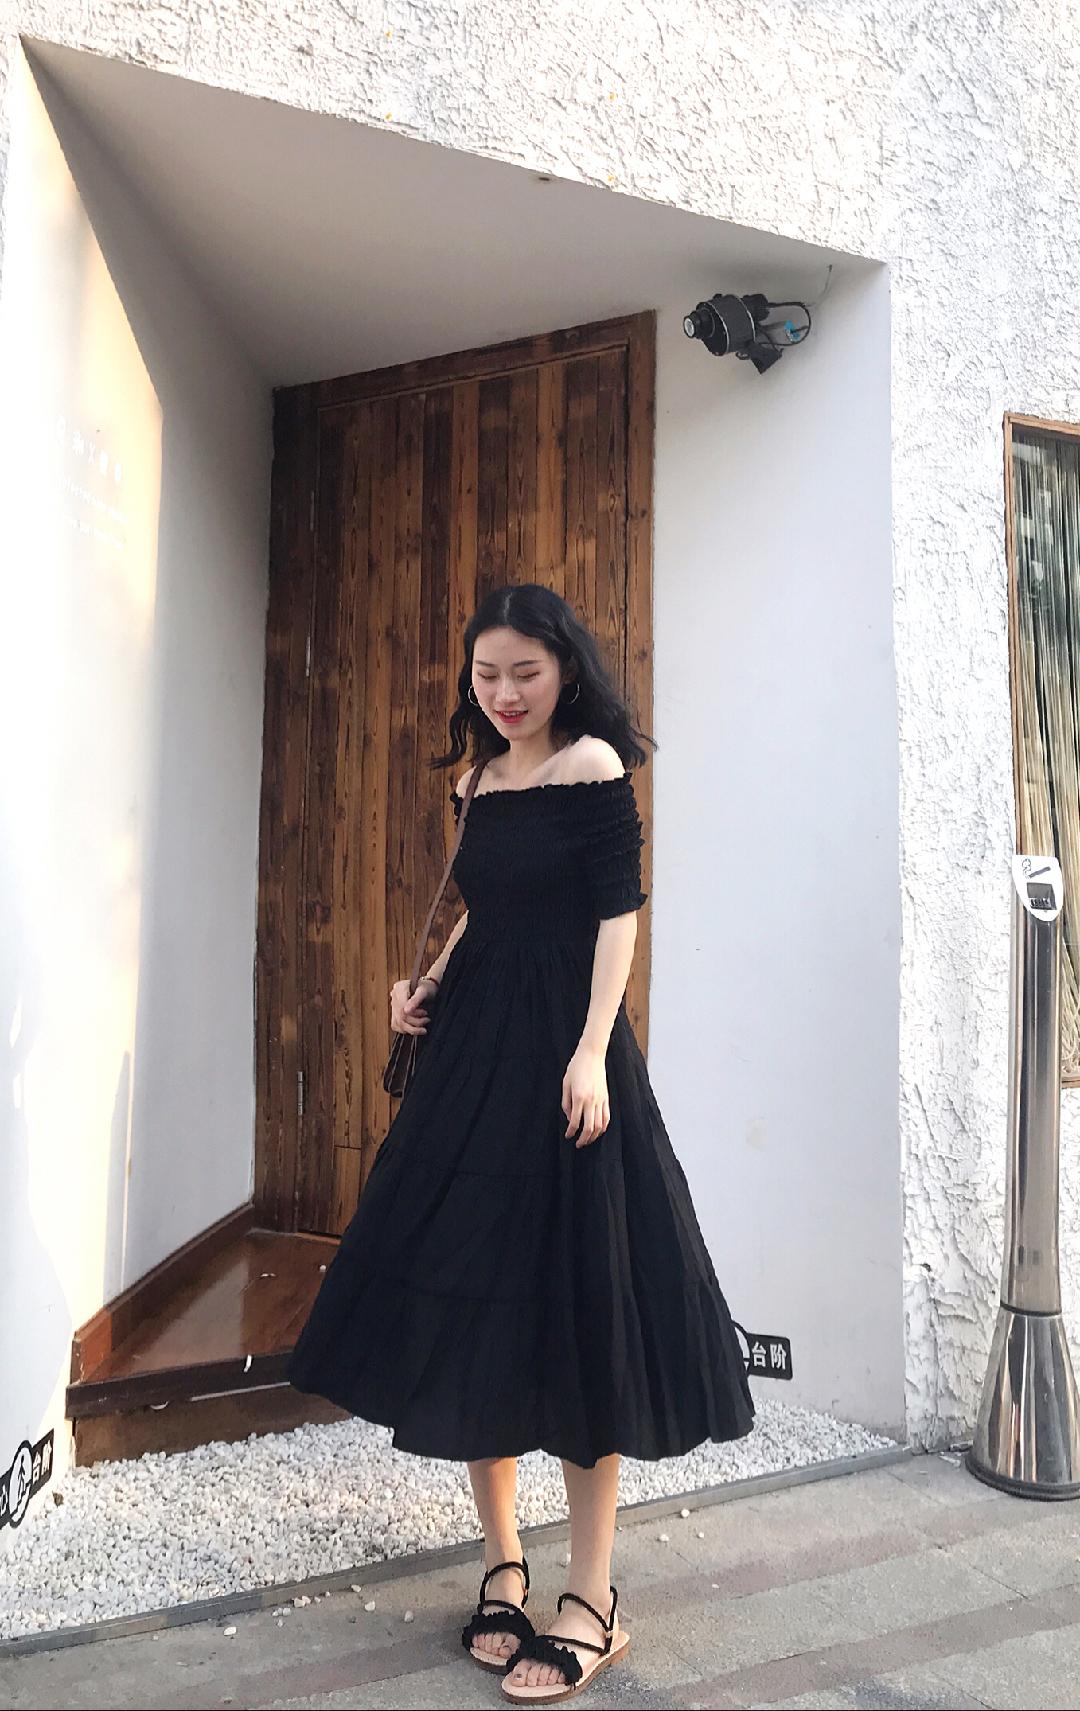 #偷师网红小姐姐,满分穿搭预定!# 南瓜穿搭 🔗 小谷粒这条裙子真的太适合我这种微胖mm了 一字肩的设计不要太显瘦哦 加上蓬蓬的裙摆也是很好看呀 而且上面松紧的设计真的显身材